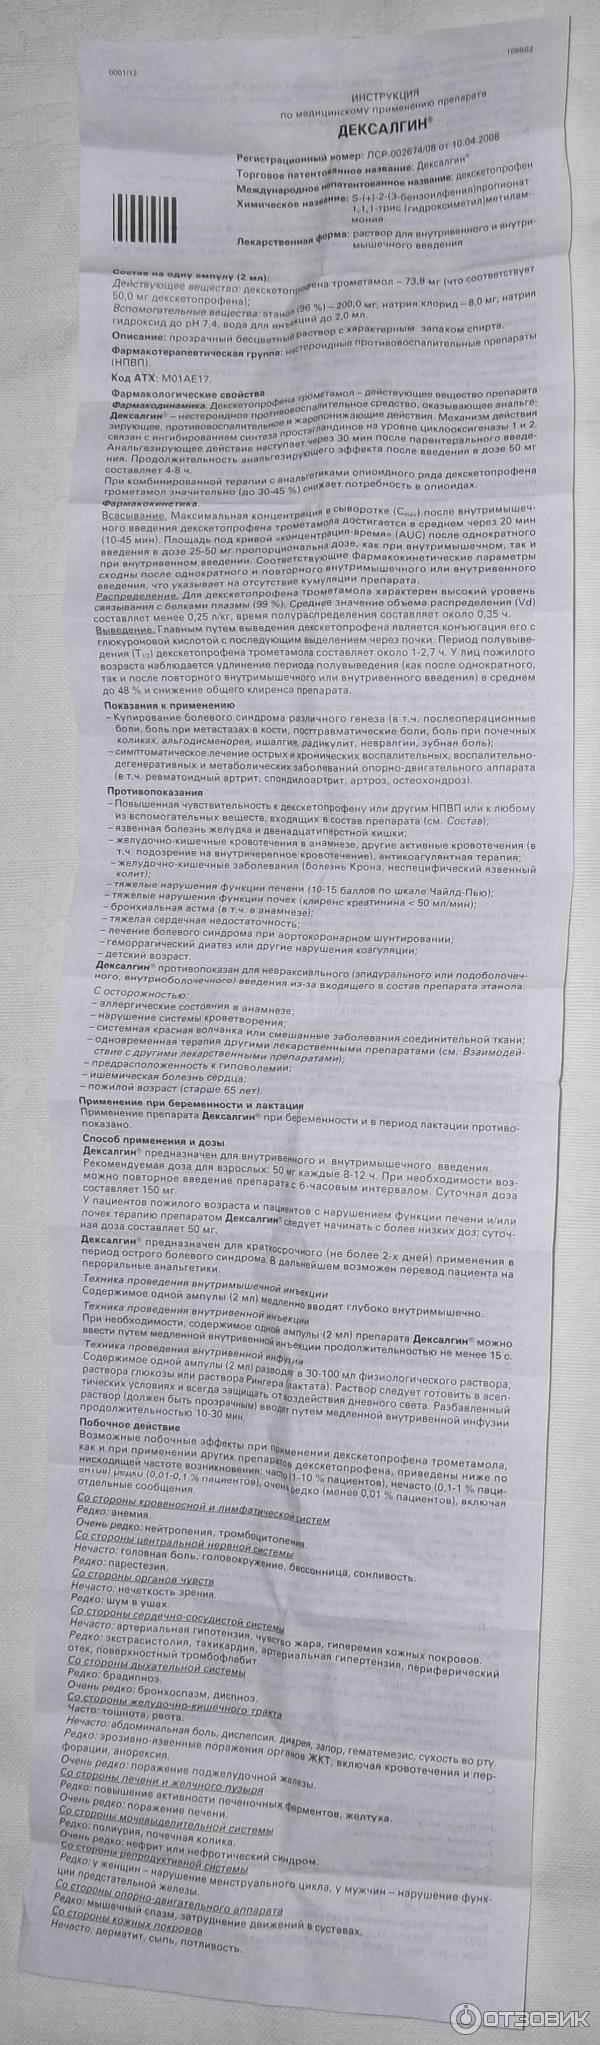 Дексалгин инструкция по применению, показания, дозы, отзывы 11